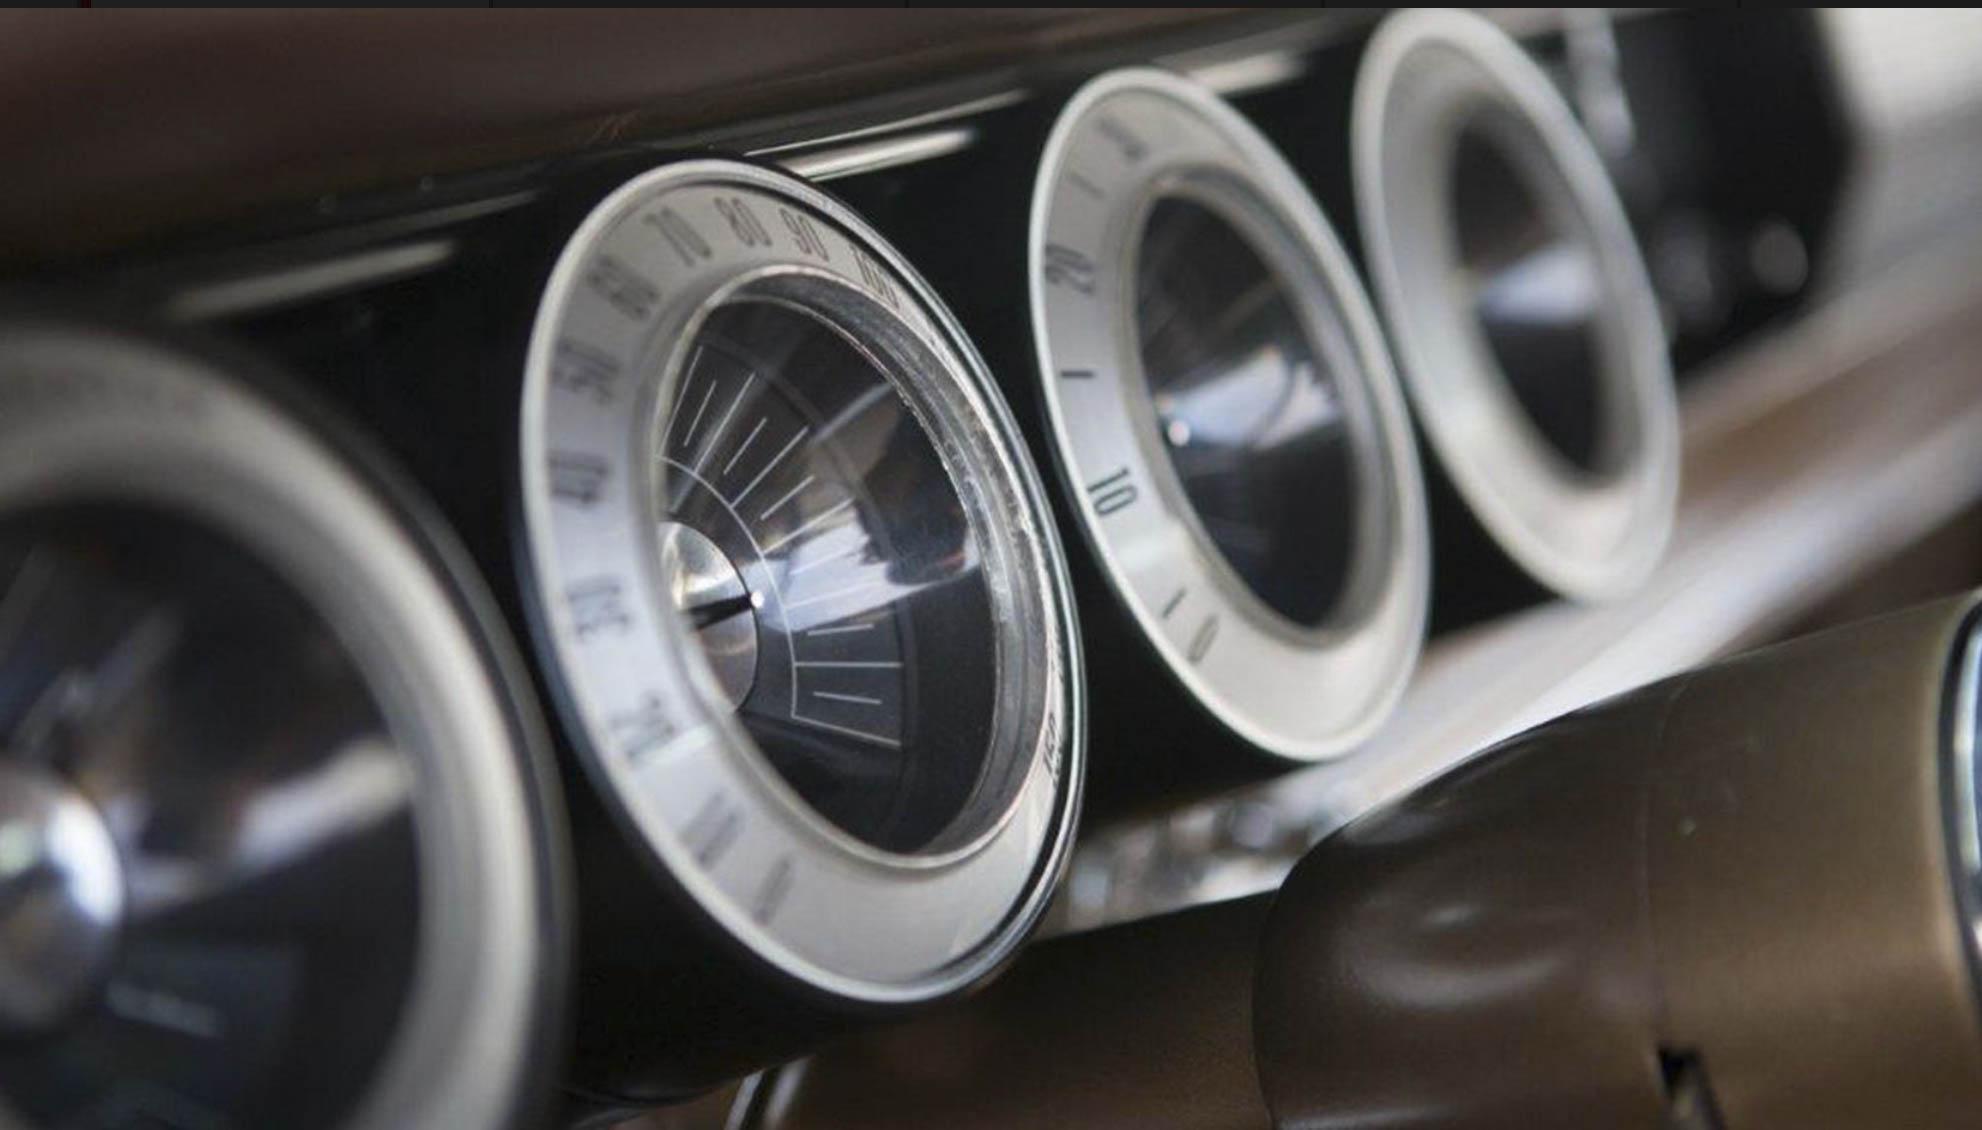 1967 Dodge Charger gauge cluster